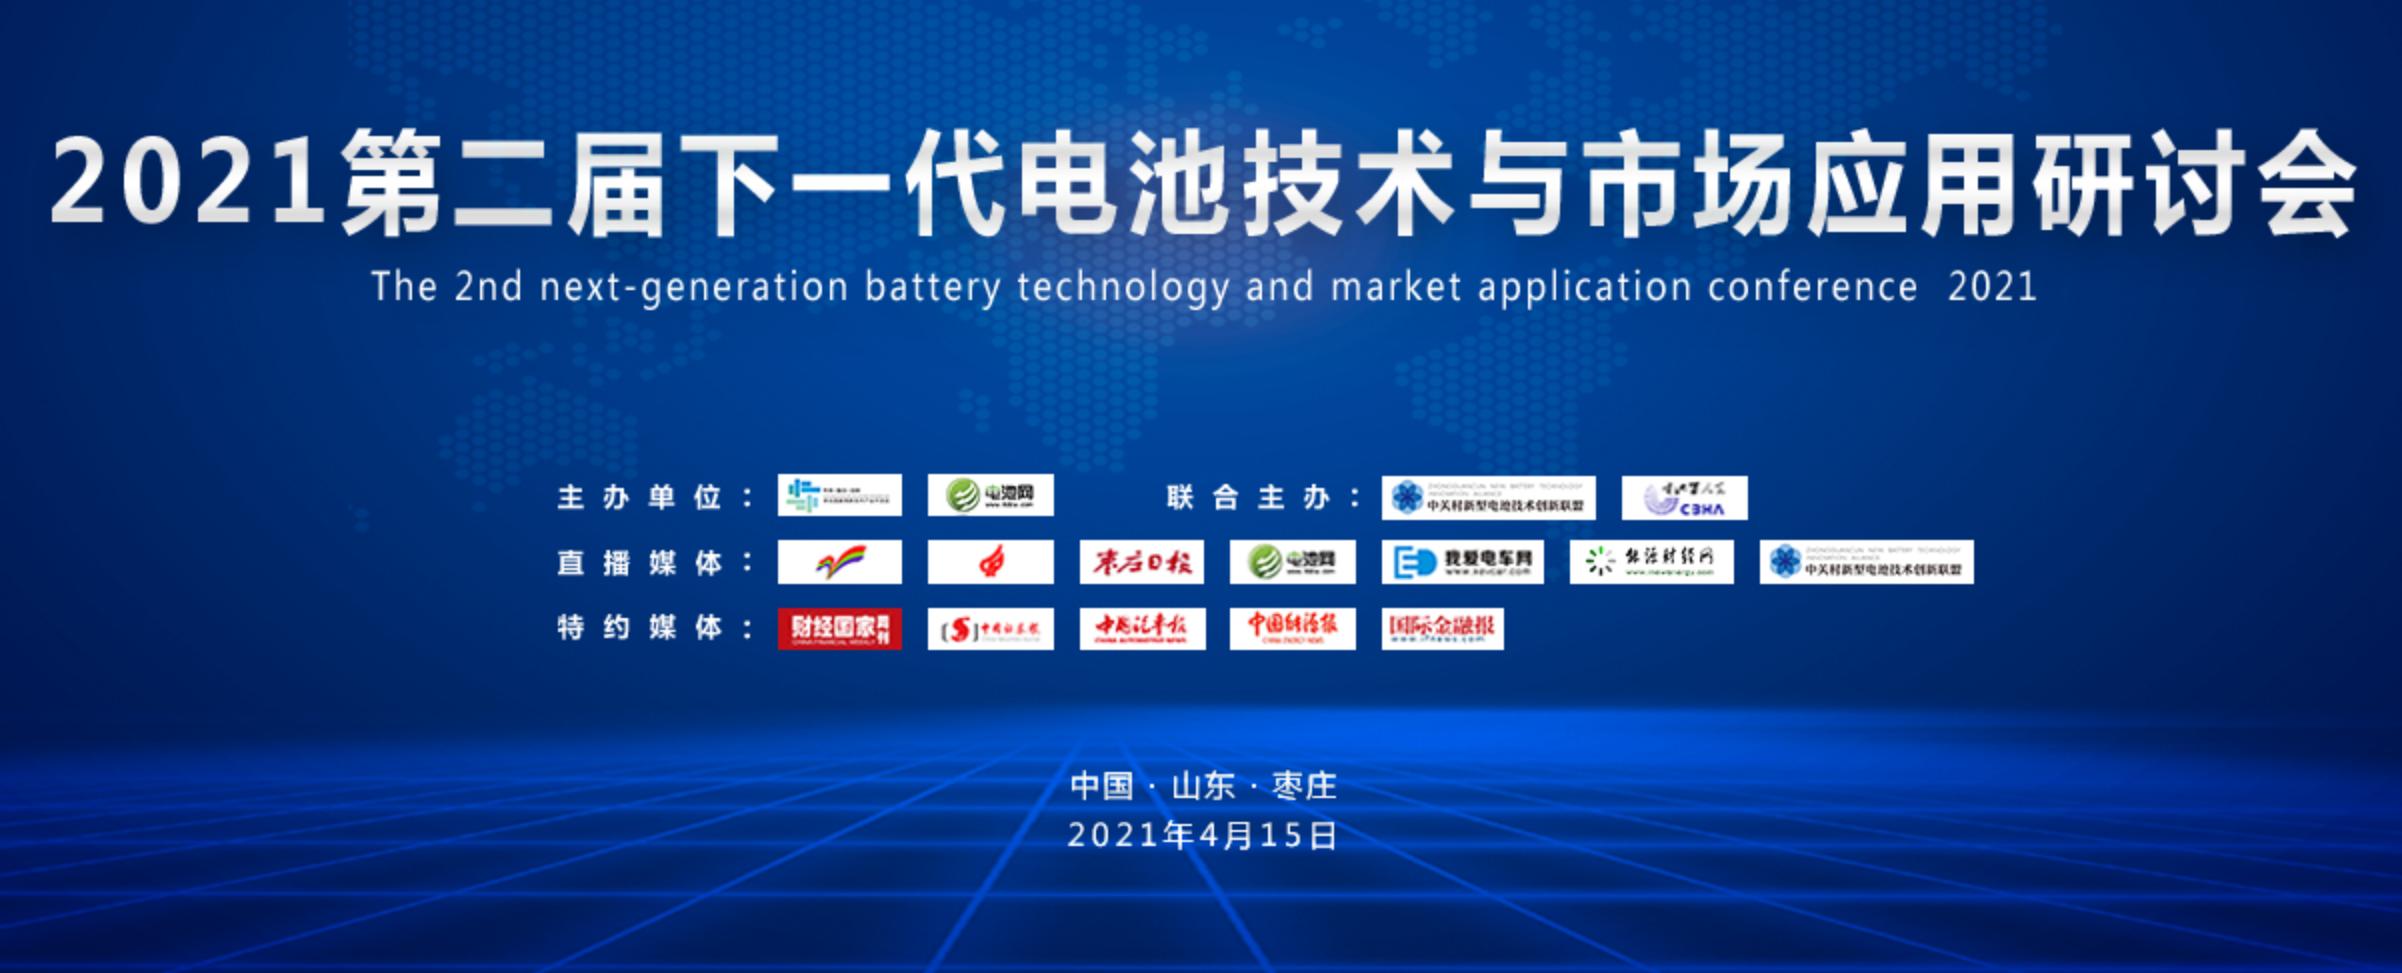 下一代电池研发方兴未艾,哪种技术路线最具投资价值?